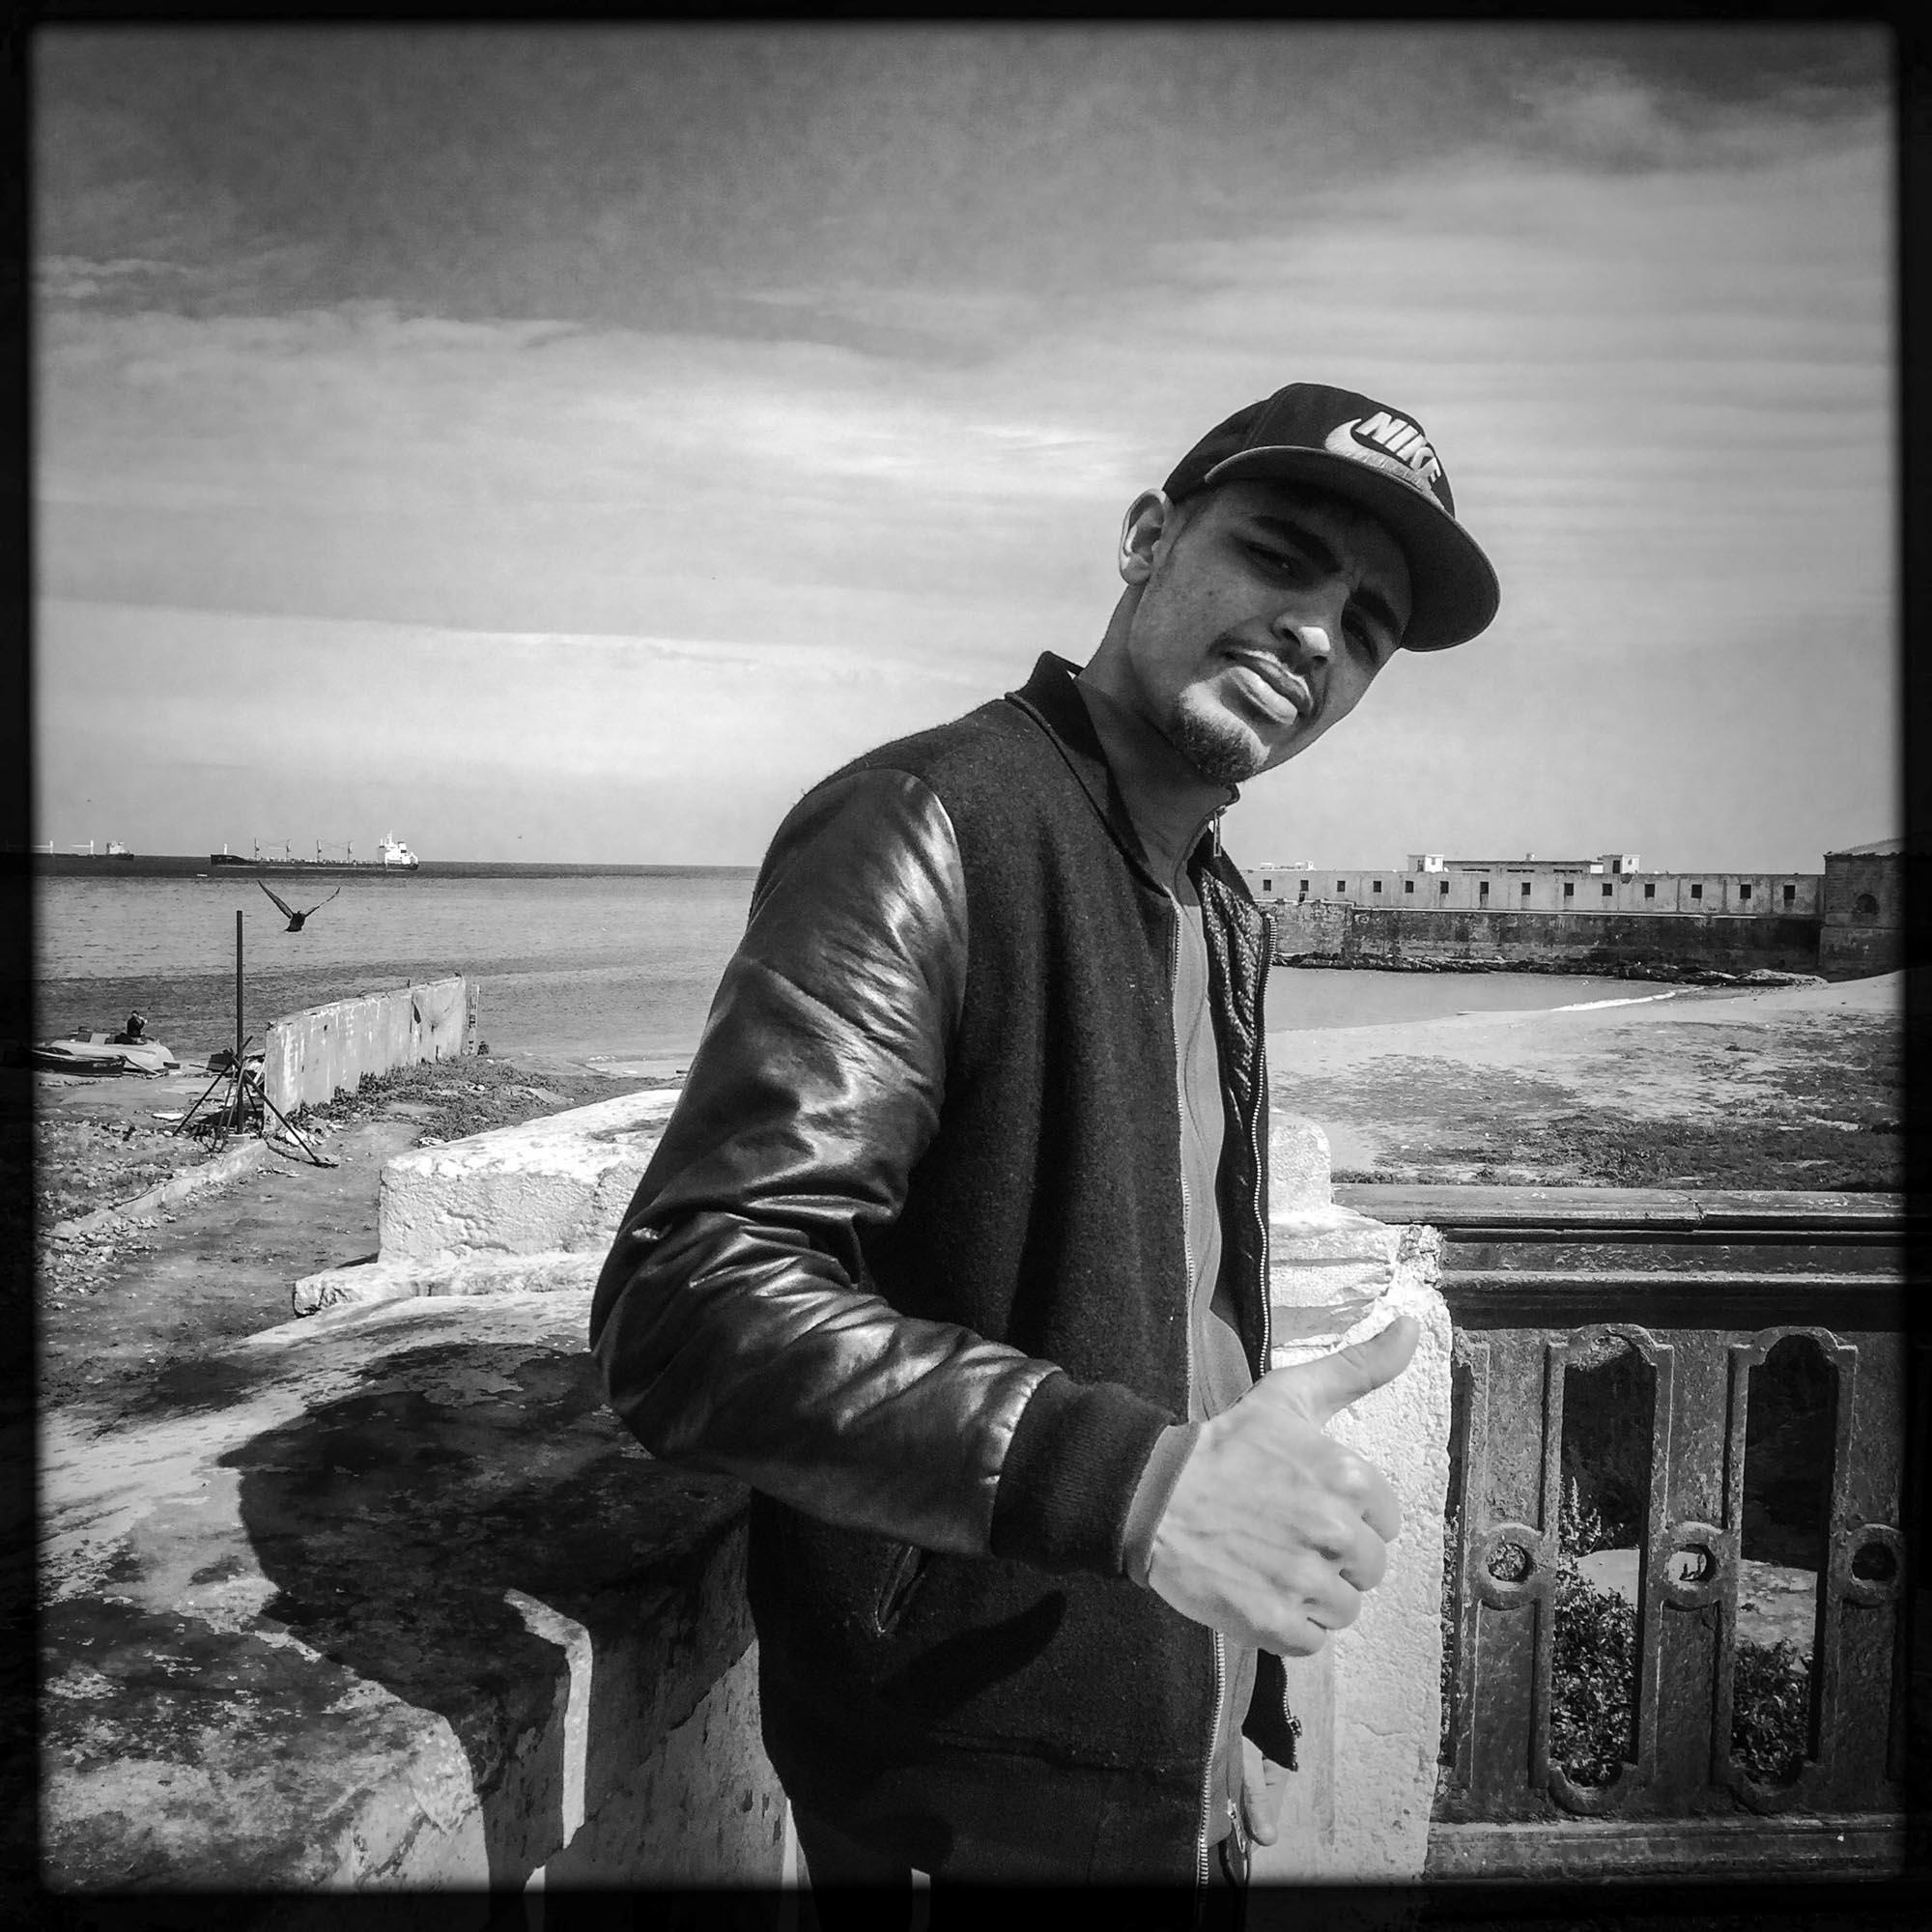 Youcef, young Algerian by the sea near Bab's district el Oued. 18 february, Alger-AlgérieYoucef, jeune Algérien en bord de mer près du quartier de Bab el Oued. 18/ février 2016, Alger-Algérie